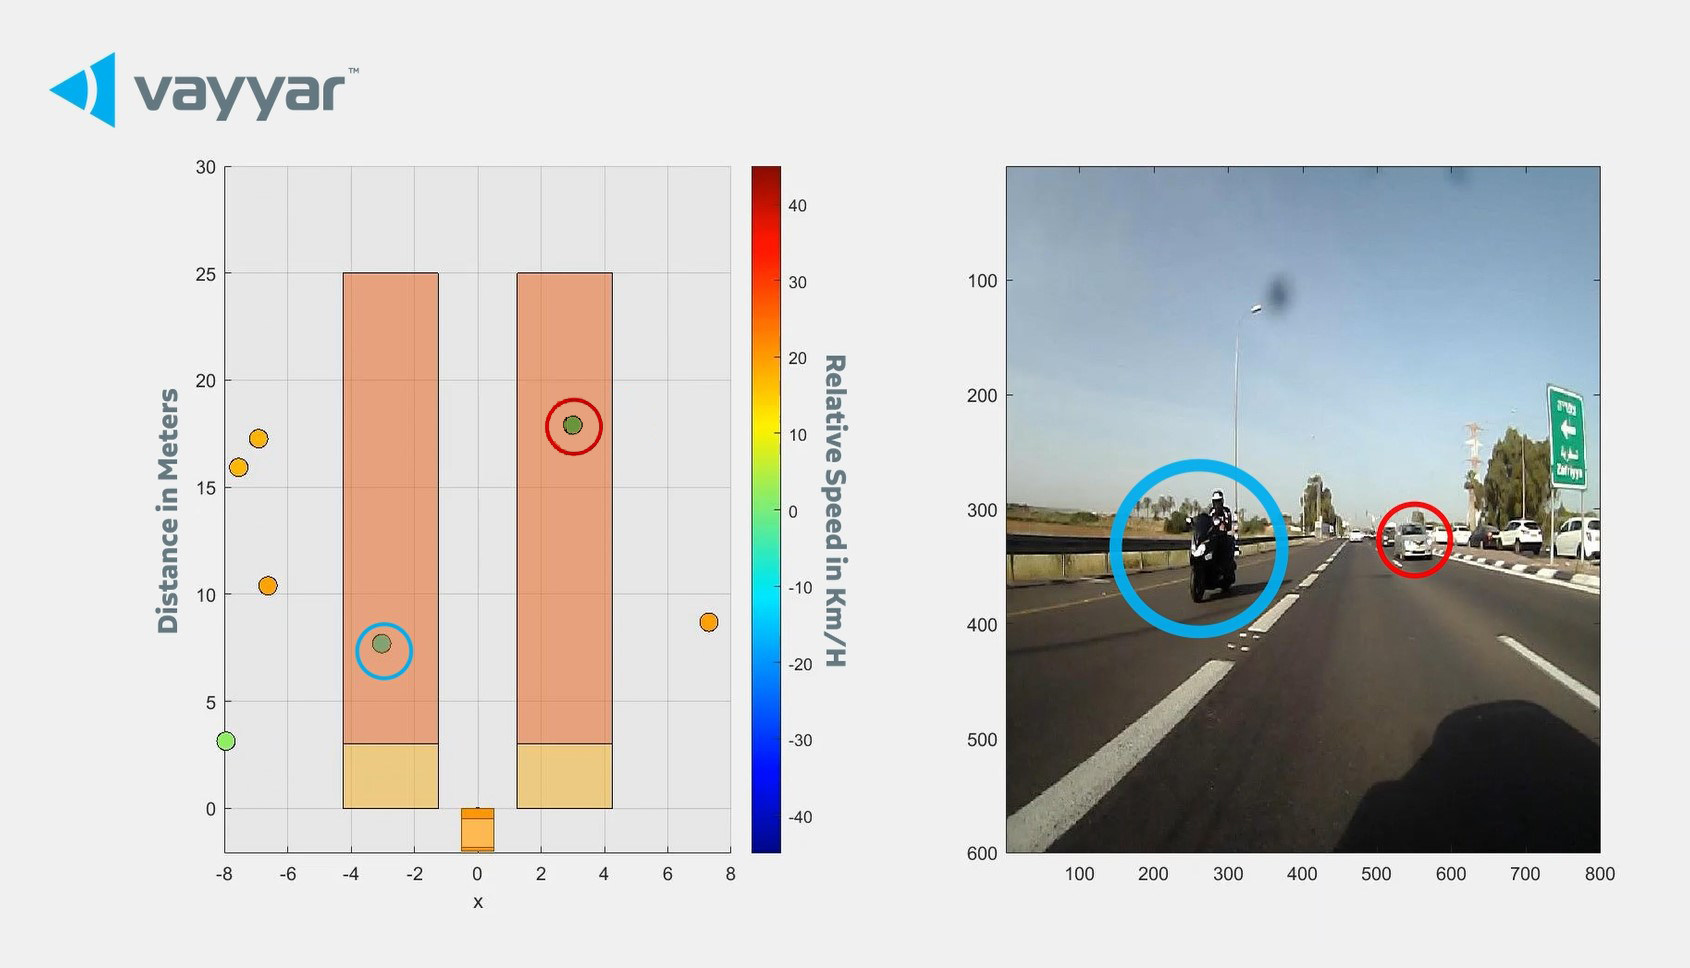 Mit neuen Assistenzsystemen will Piaggio ab 2022 die Sicherheit von Motorrädern und Scootern erhöhen